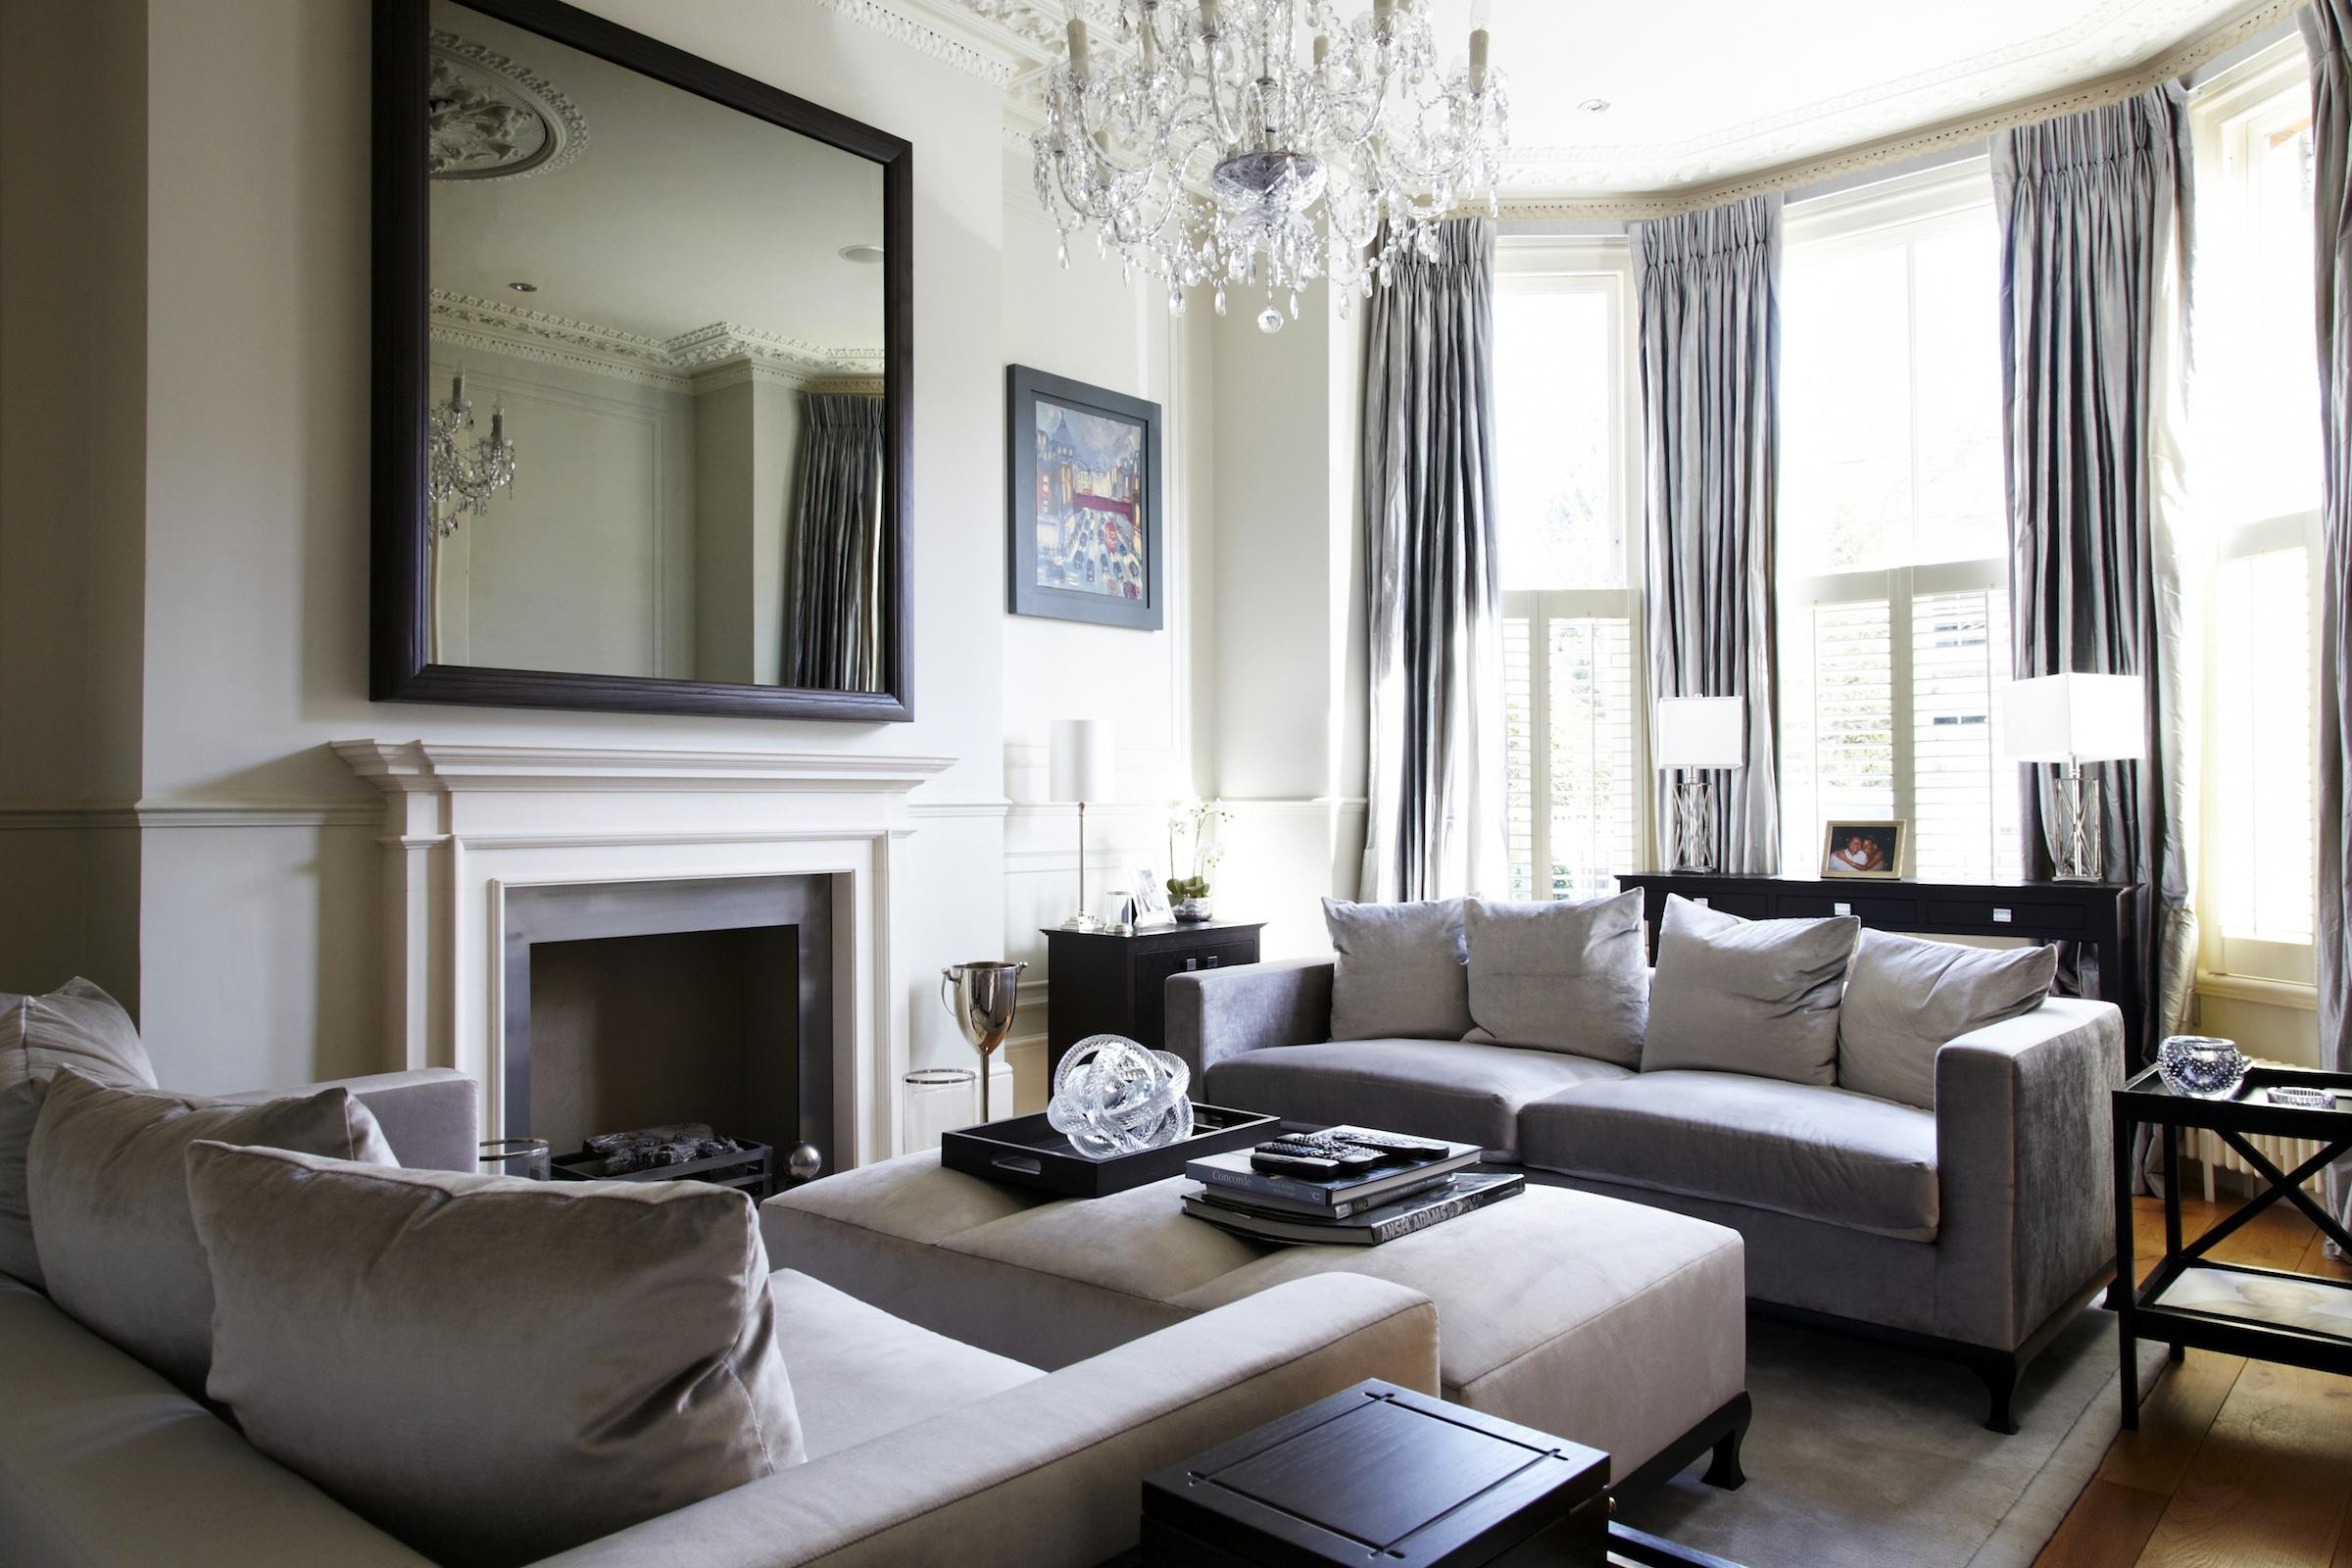 Ruang Tamu Gaya Klasik Dengan Lampu Chandelier Dipadankan Dengan Langsir Kelabu Serta Sofa Yang Selesa Dan Ottoman Ikea Ruang Tamu Kelabu